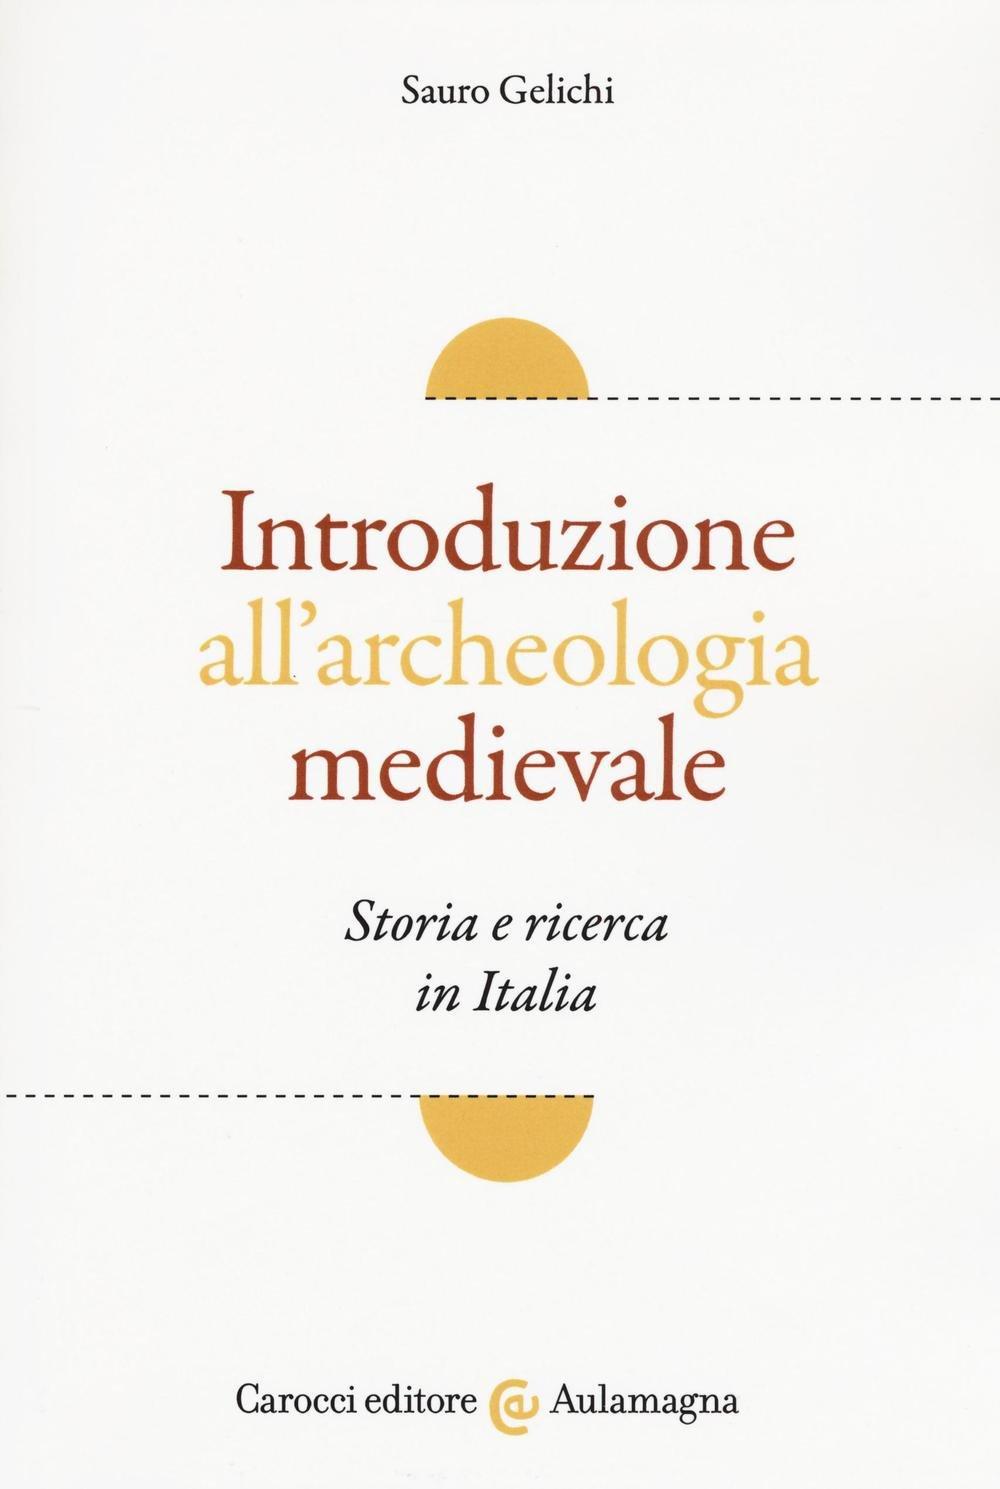 Introduzione all'archeologia medievale. Storia e ricerca in Italia Copertina flessibile – 15 set 2016 Sauro Gelichi Carocci 884308318X Saggistica